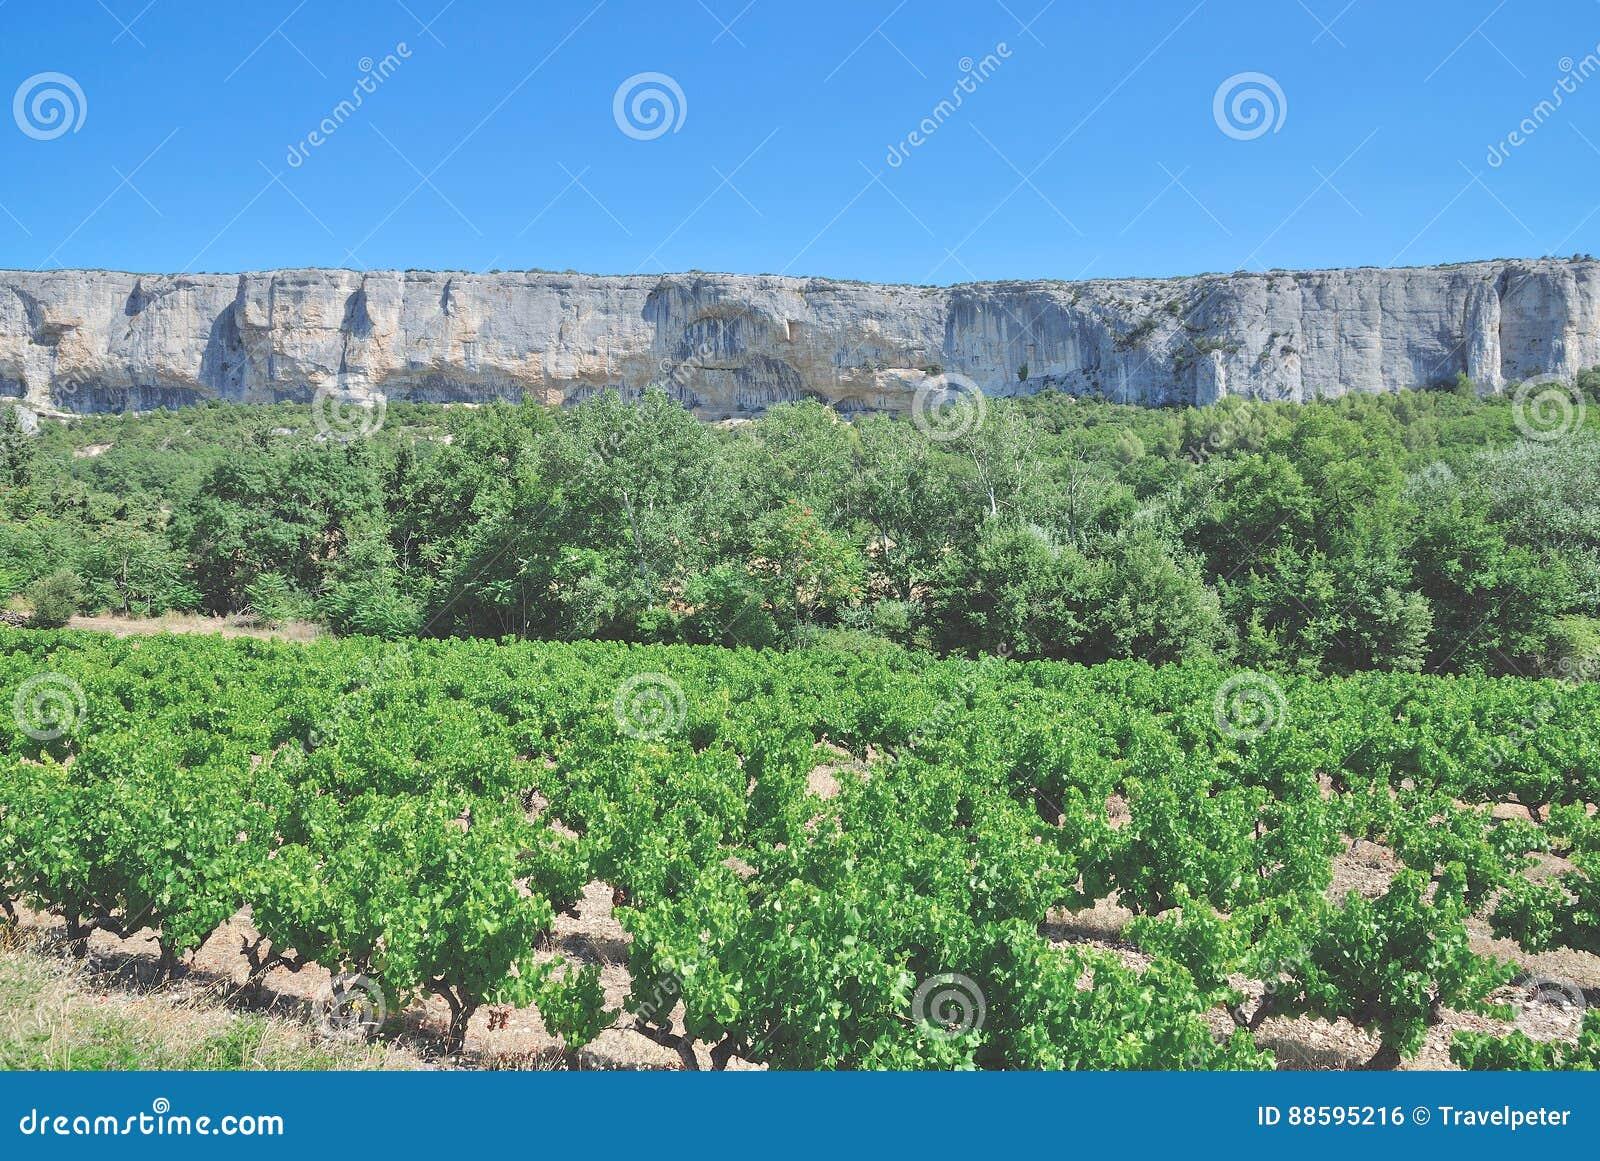 Виноградник, Коут de Провансаль, Франция